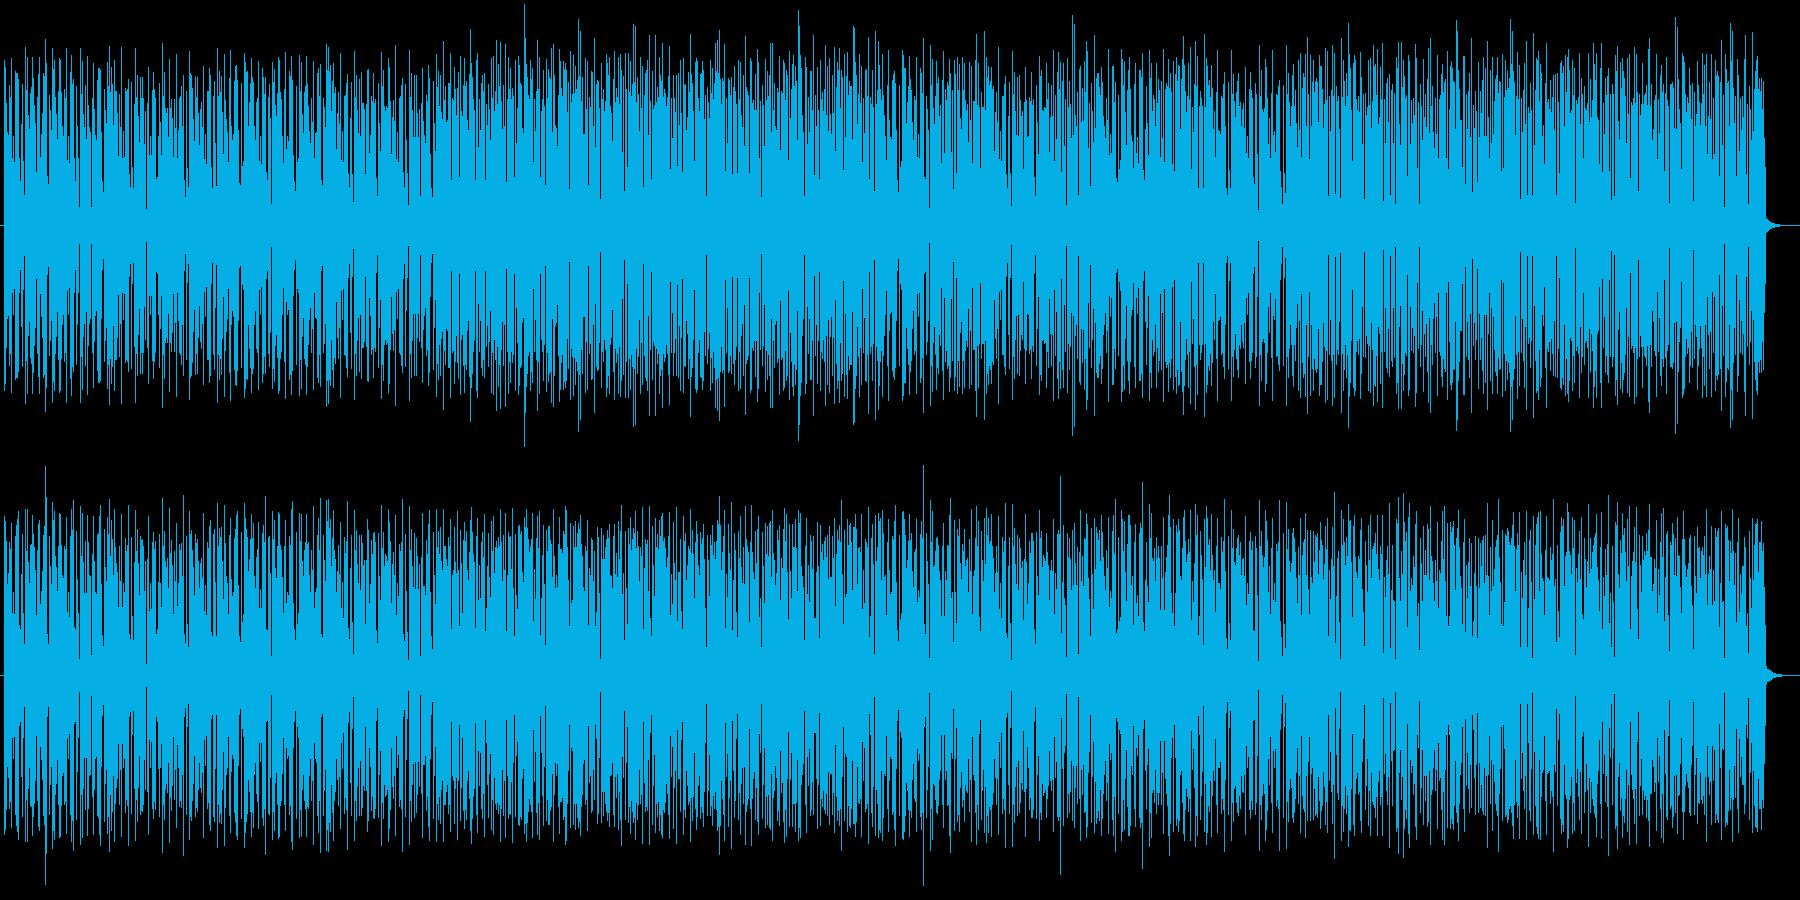 ワウギターが特徴のファンクミュージックの再生済みの波形